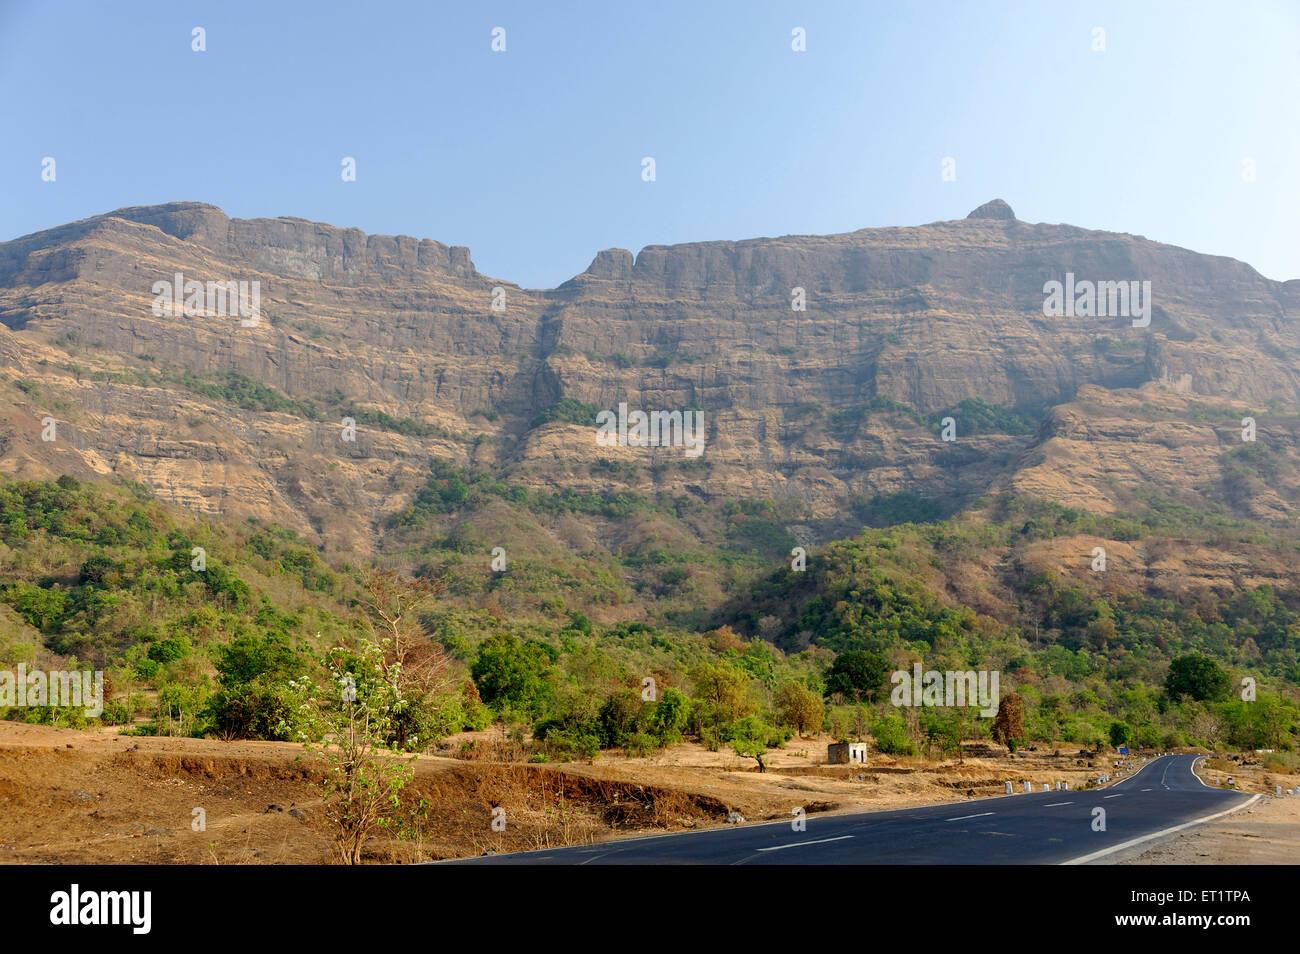 Westlichen Ghat in Maharashtra Indien Asien Stockbild